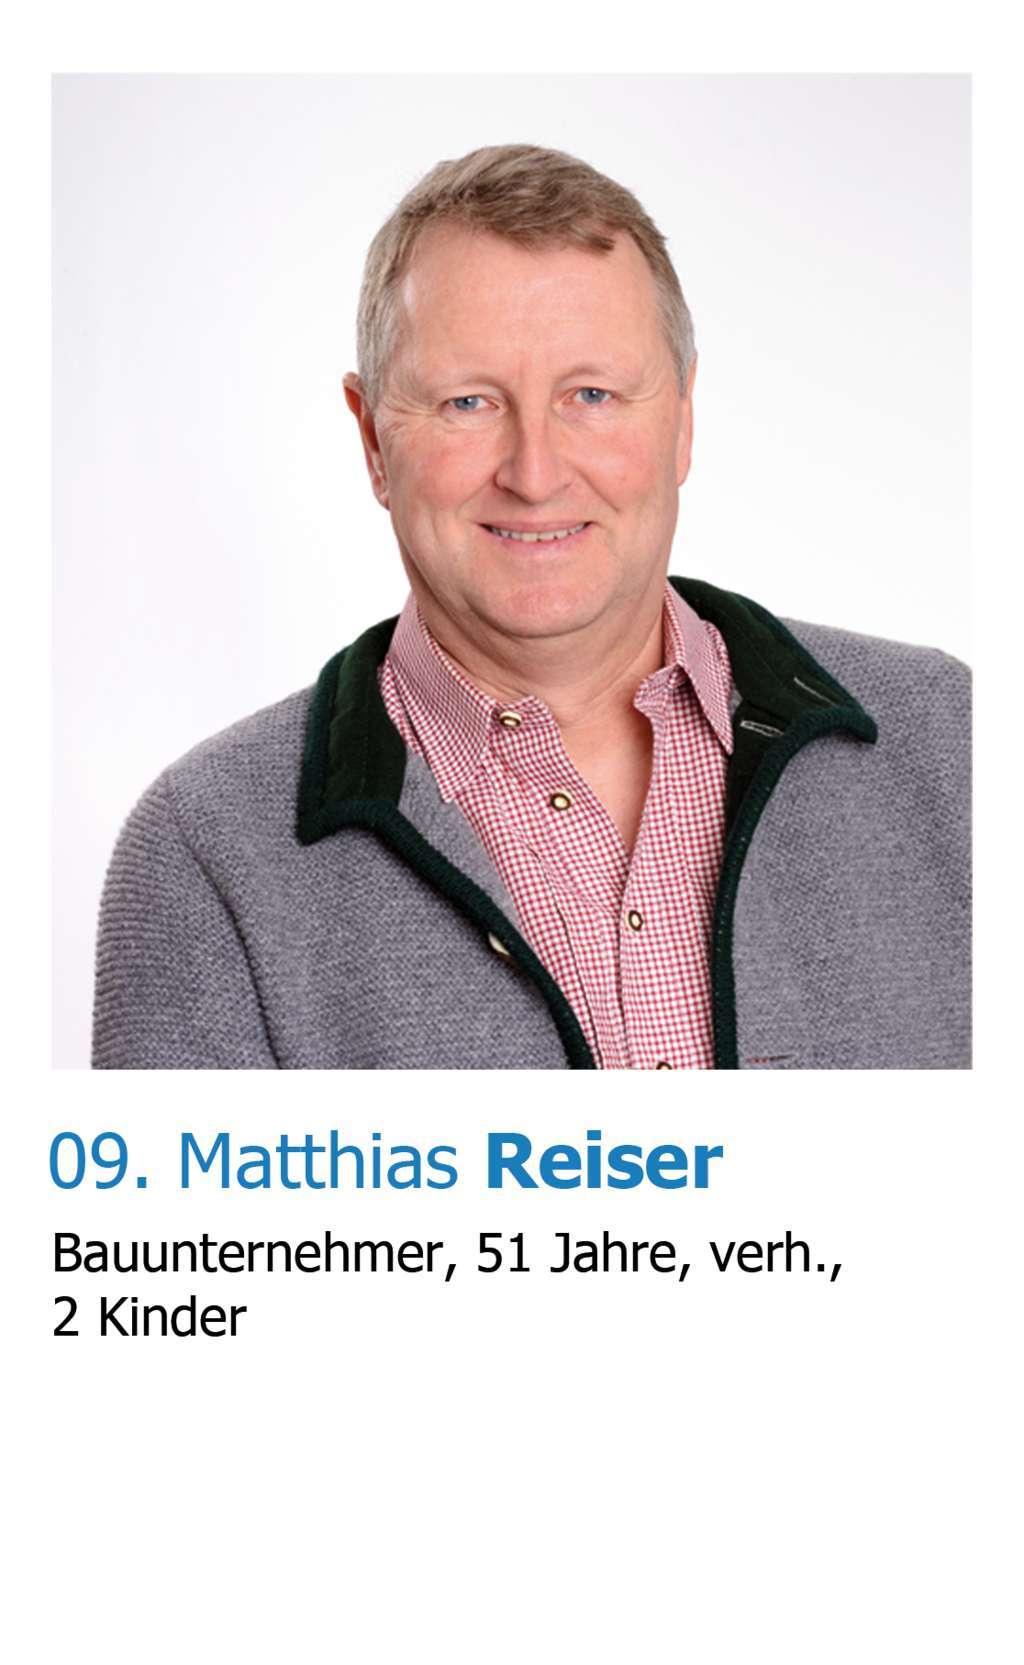 Matthias Reiser